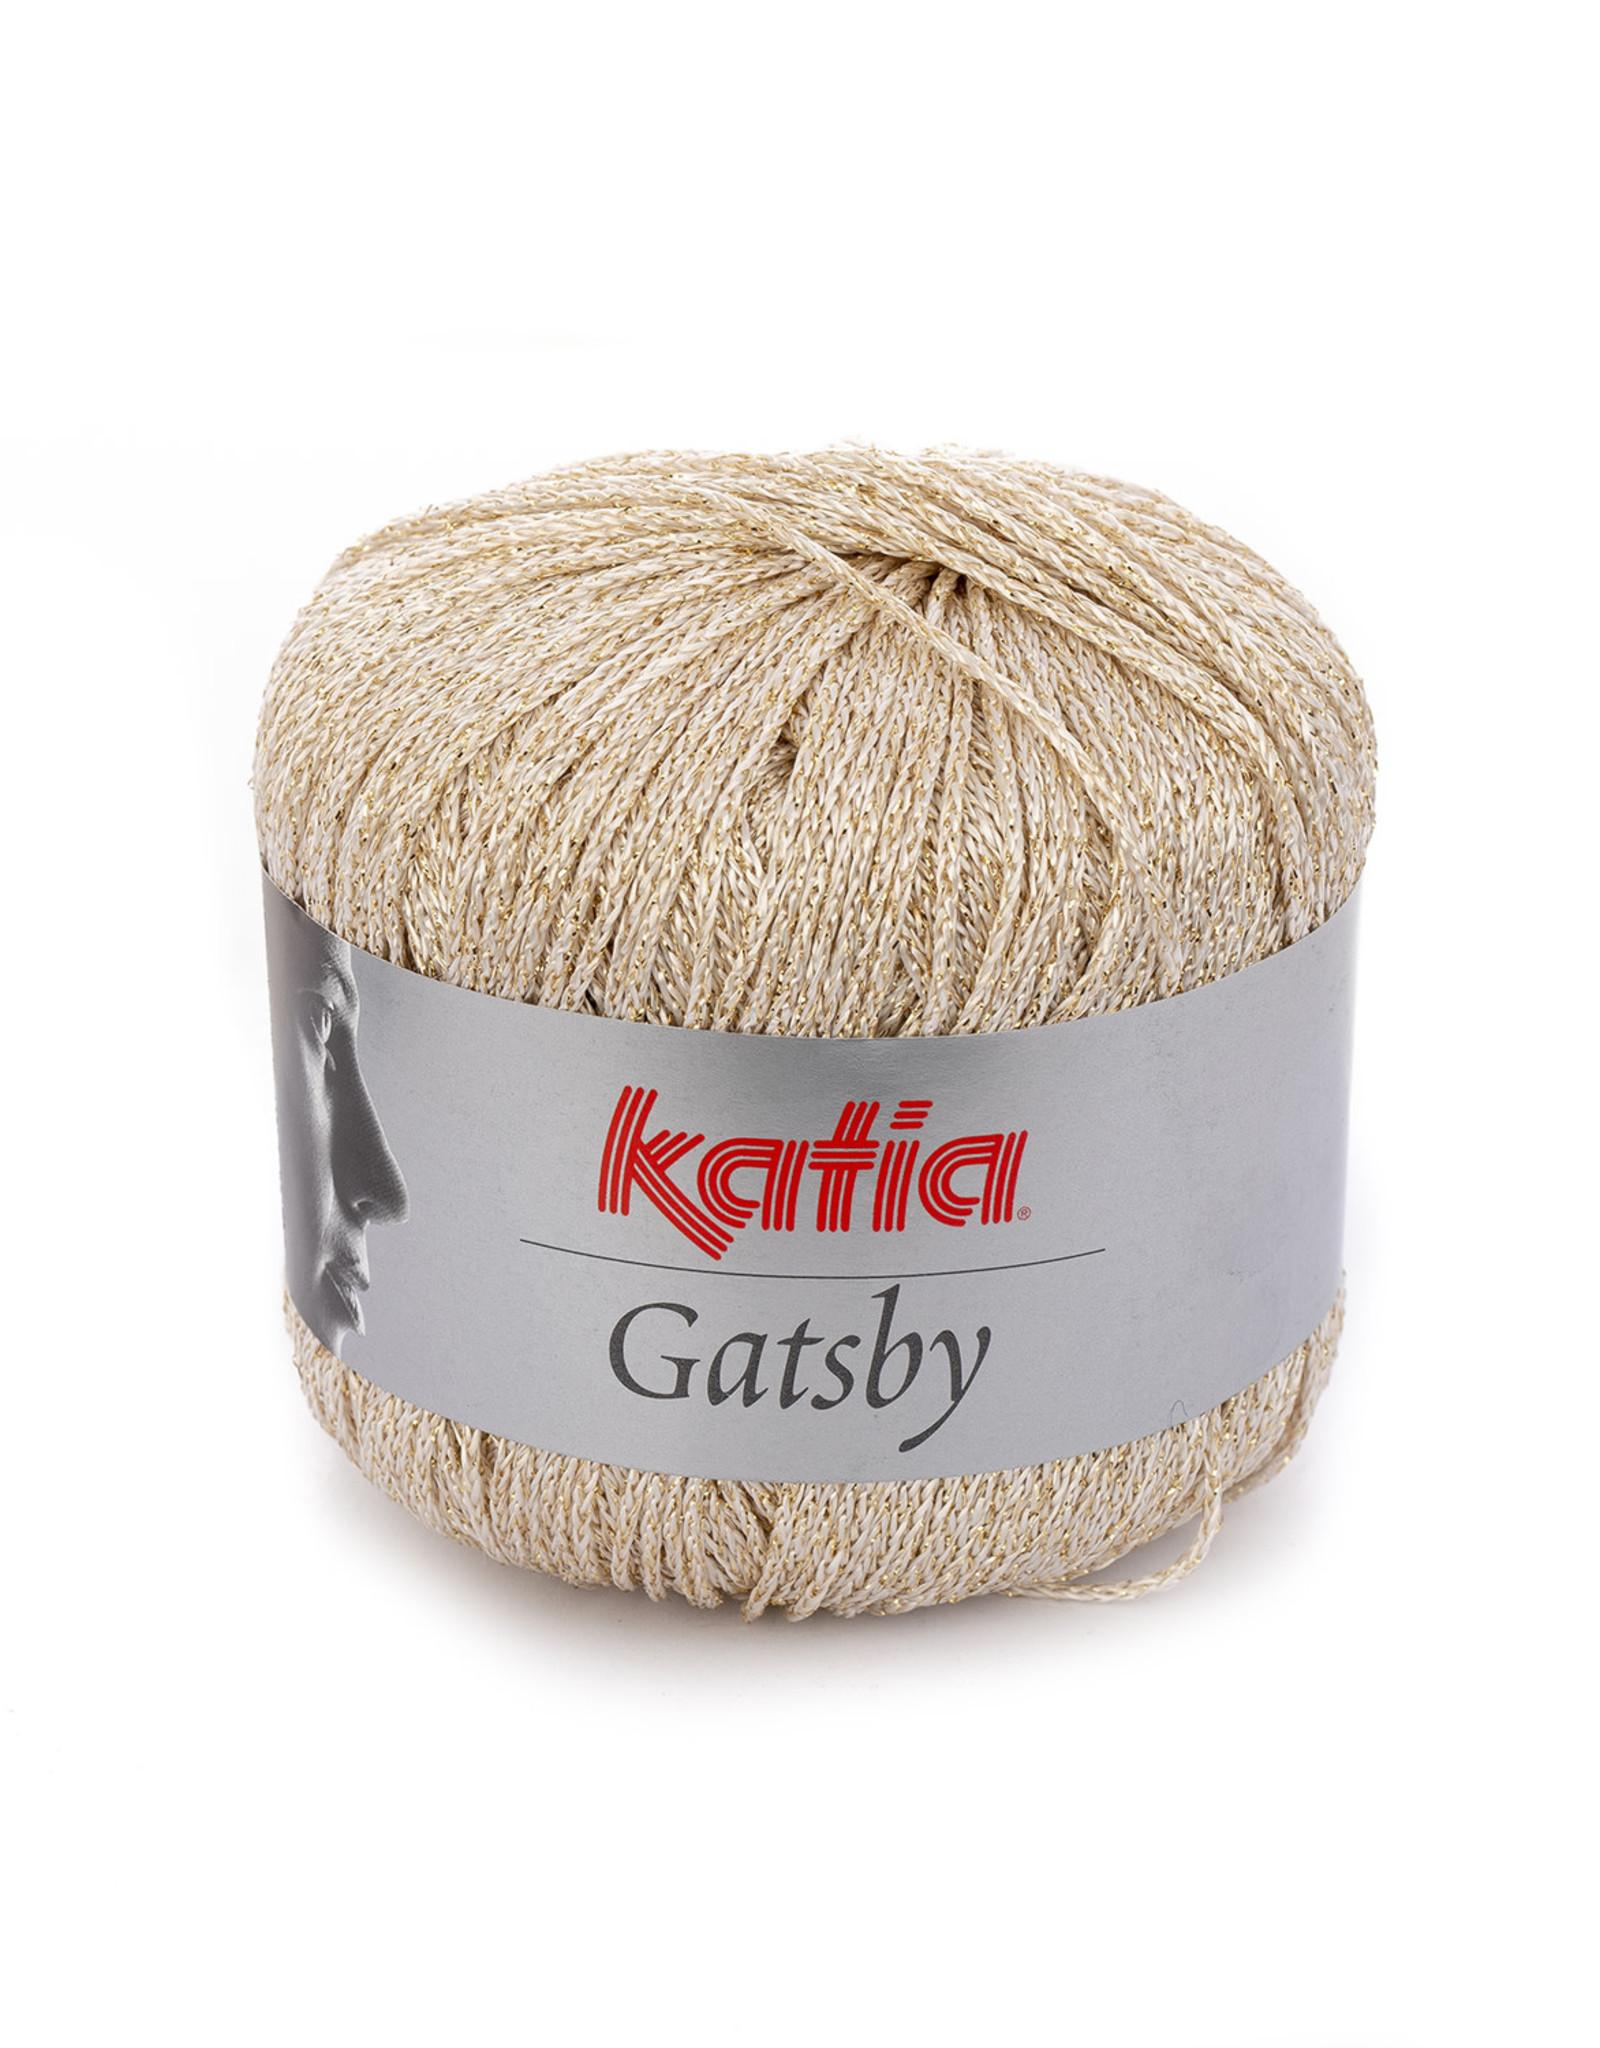 Katia Katia Gatsby 88504 - Ecru-Goud